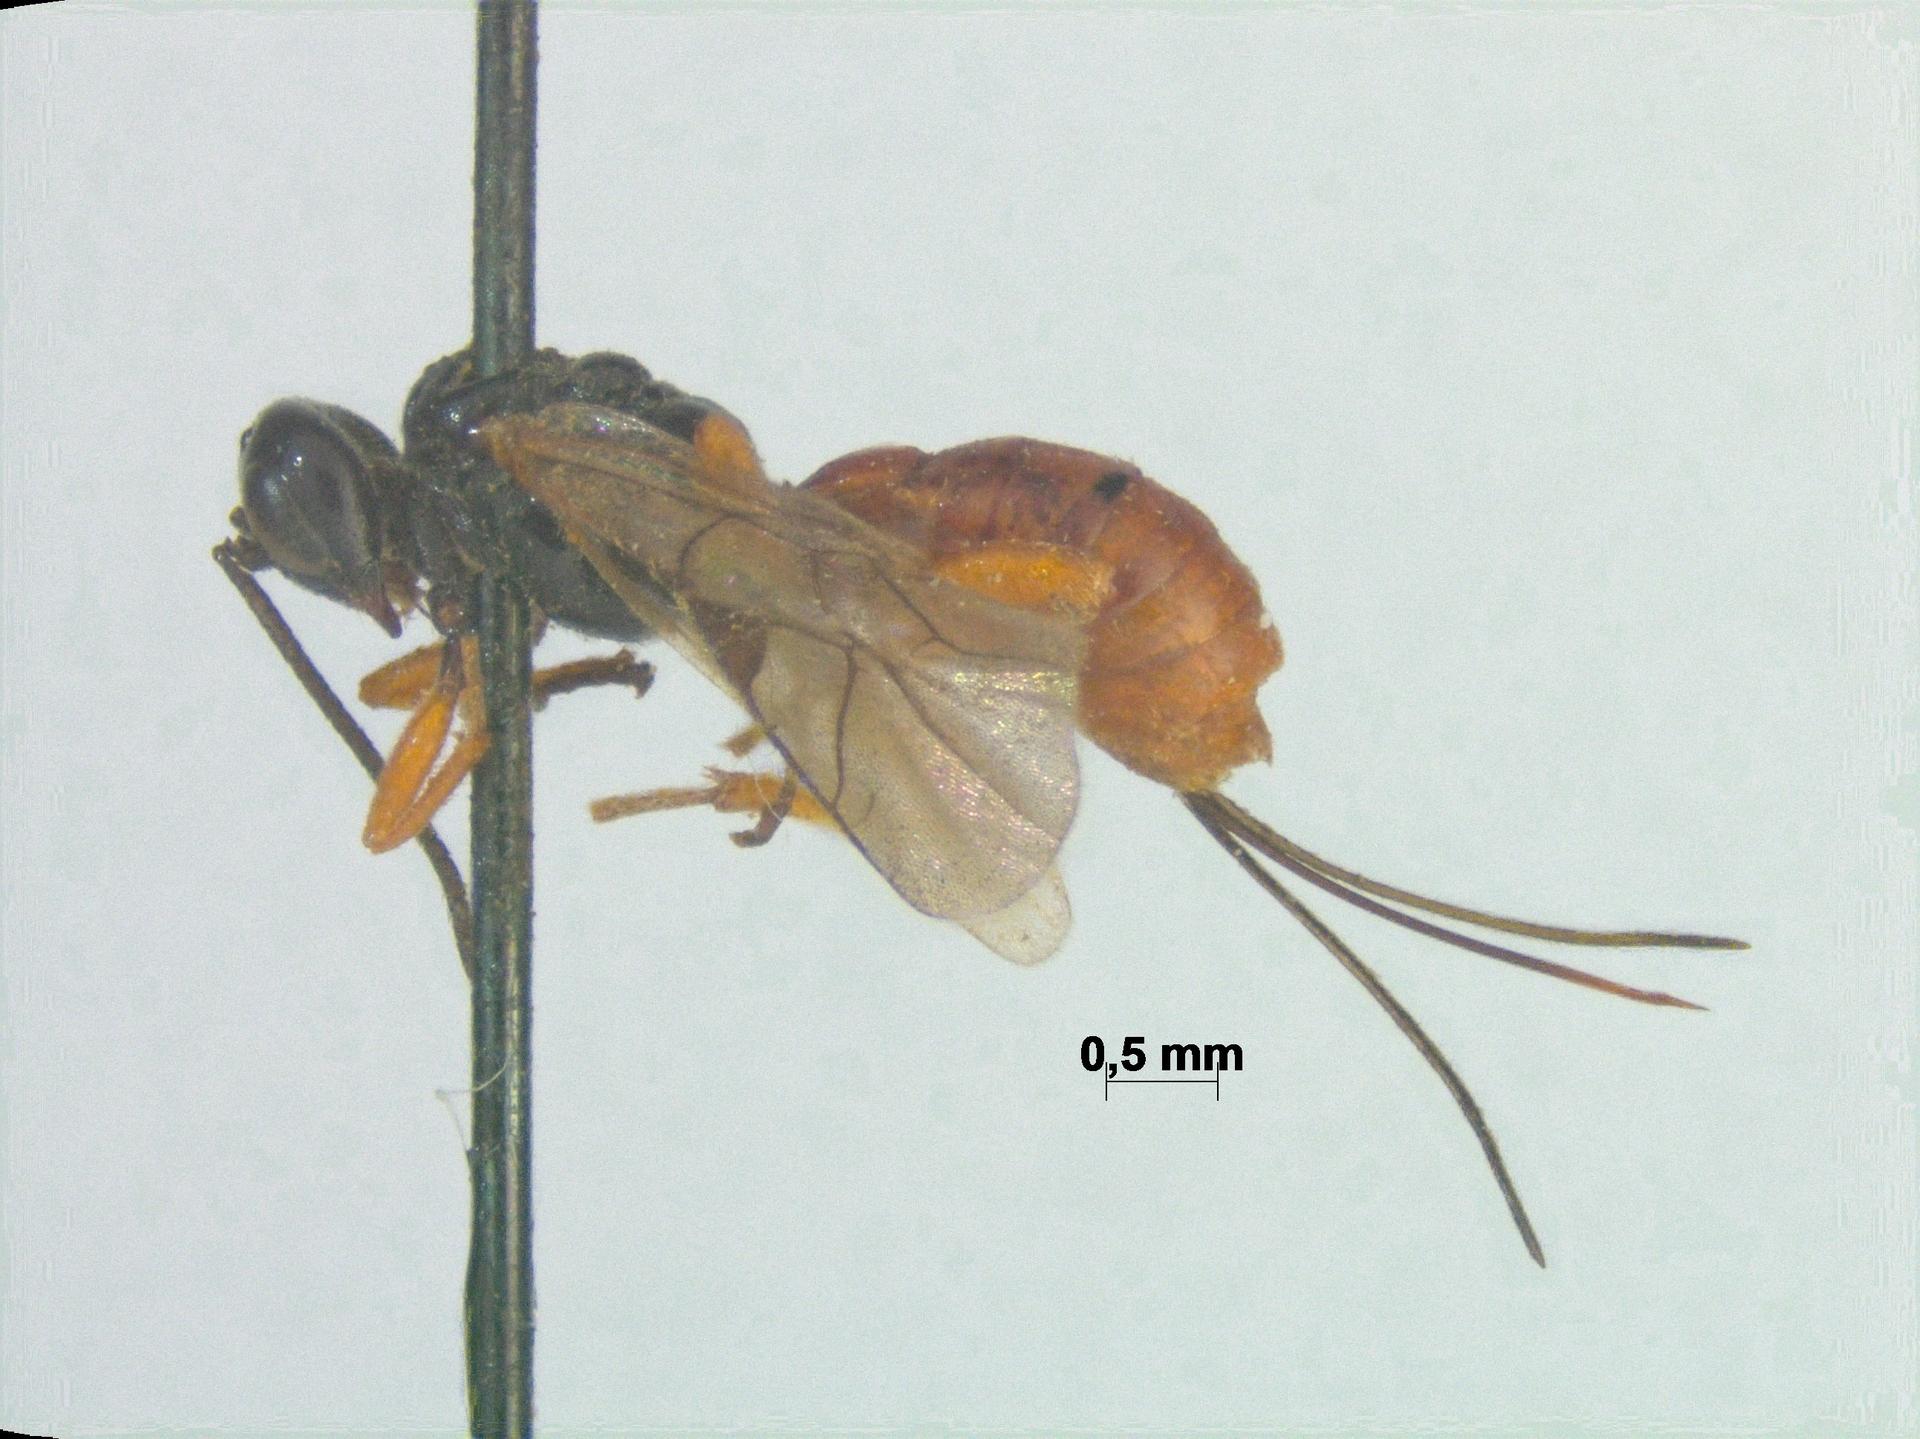 RMNH.INS.108757 | Phaestacoenitus demeyerei Smits van Burgst, 1913